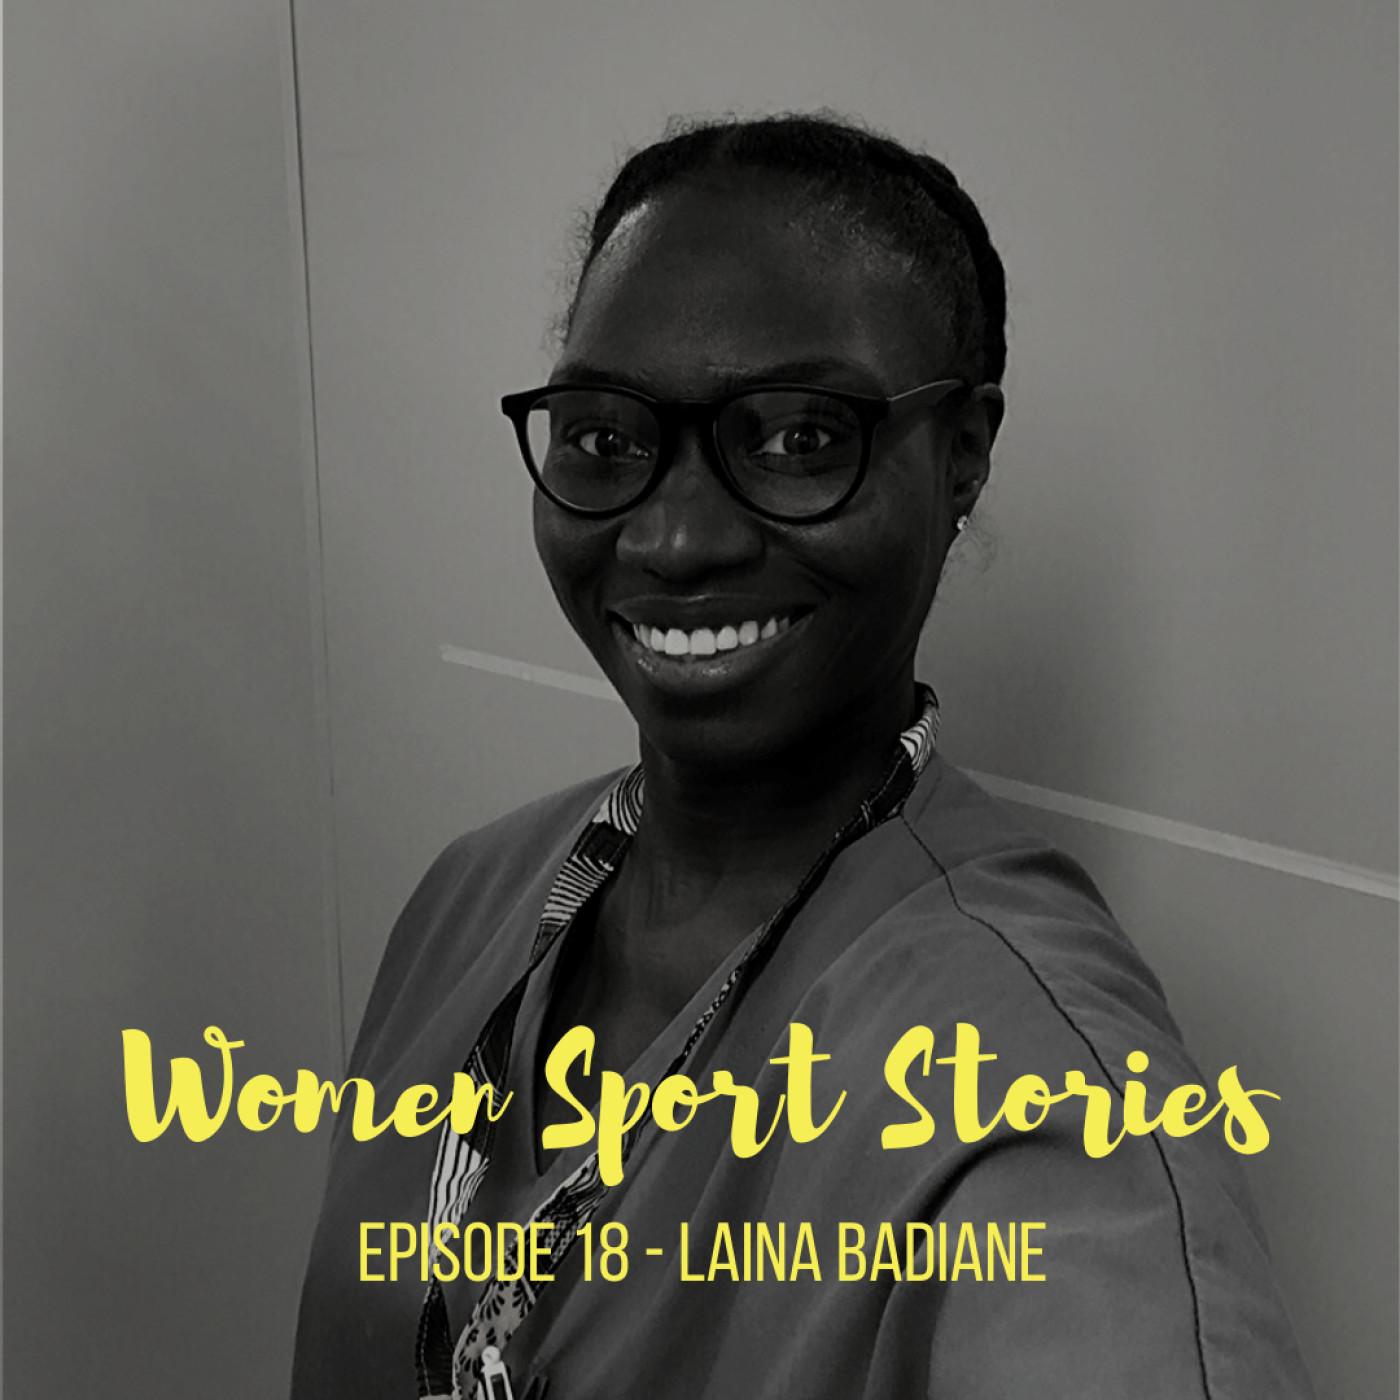 Episode 18 : Laina Badiane